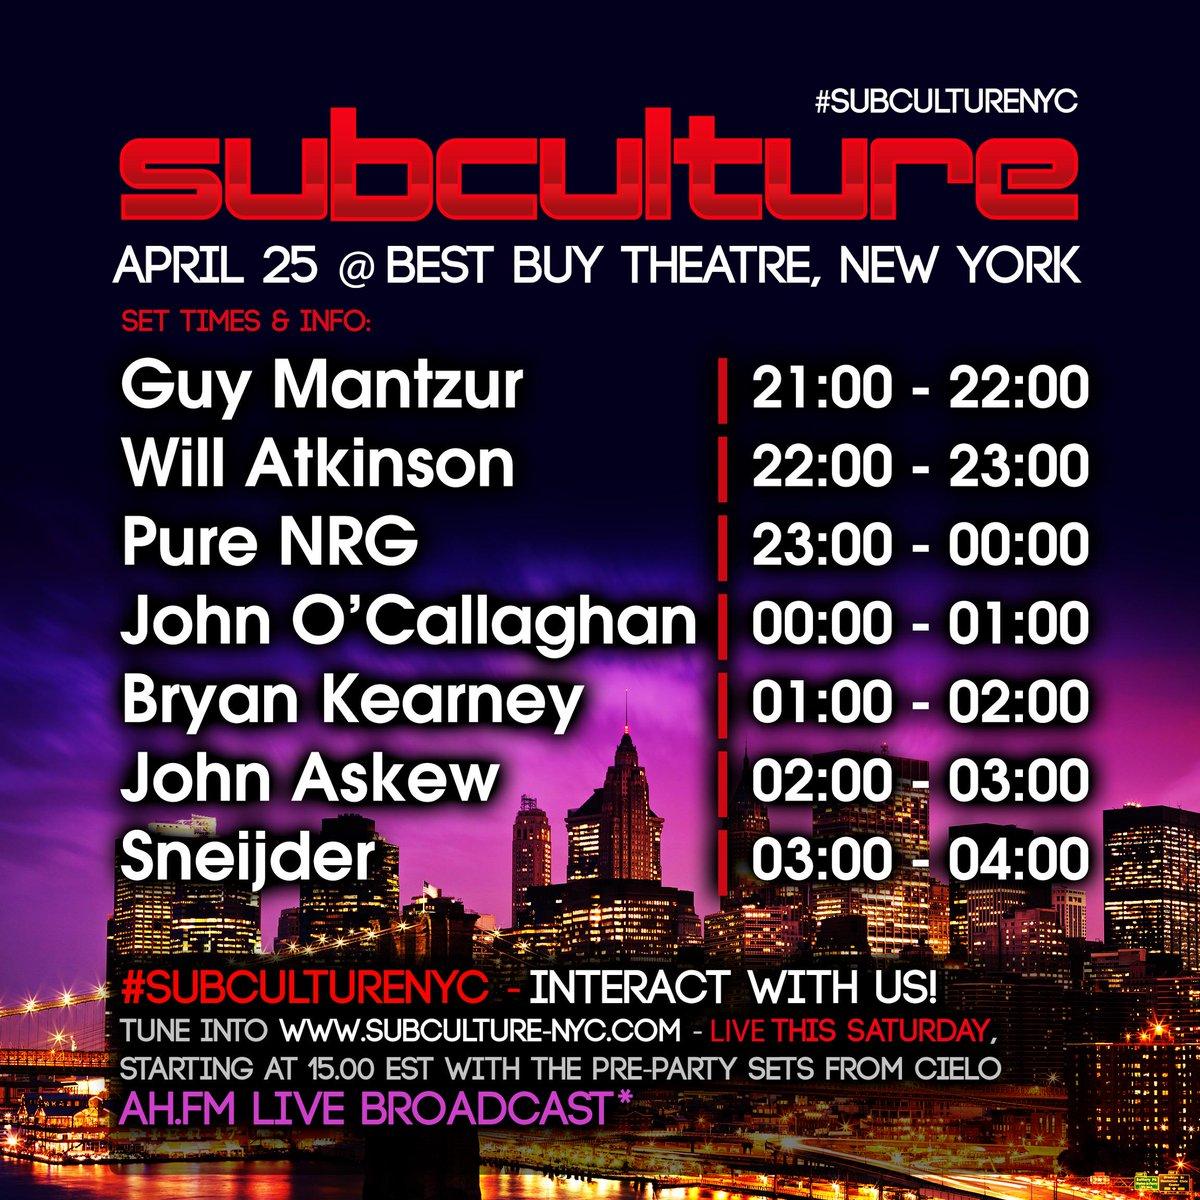 Tomorrow Live from NYC #SubcultureNYC with @SubcultureJOC @bryankearney @SneijderMusic @djjohnaskew @willatkinsonyes http://t.co/xGef2W4IYD